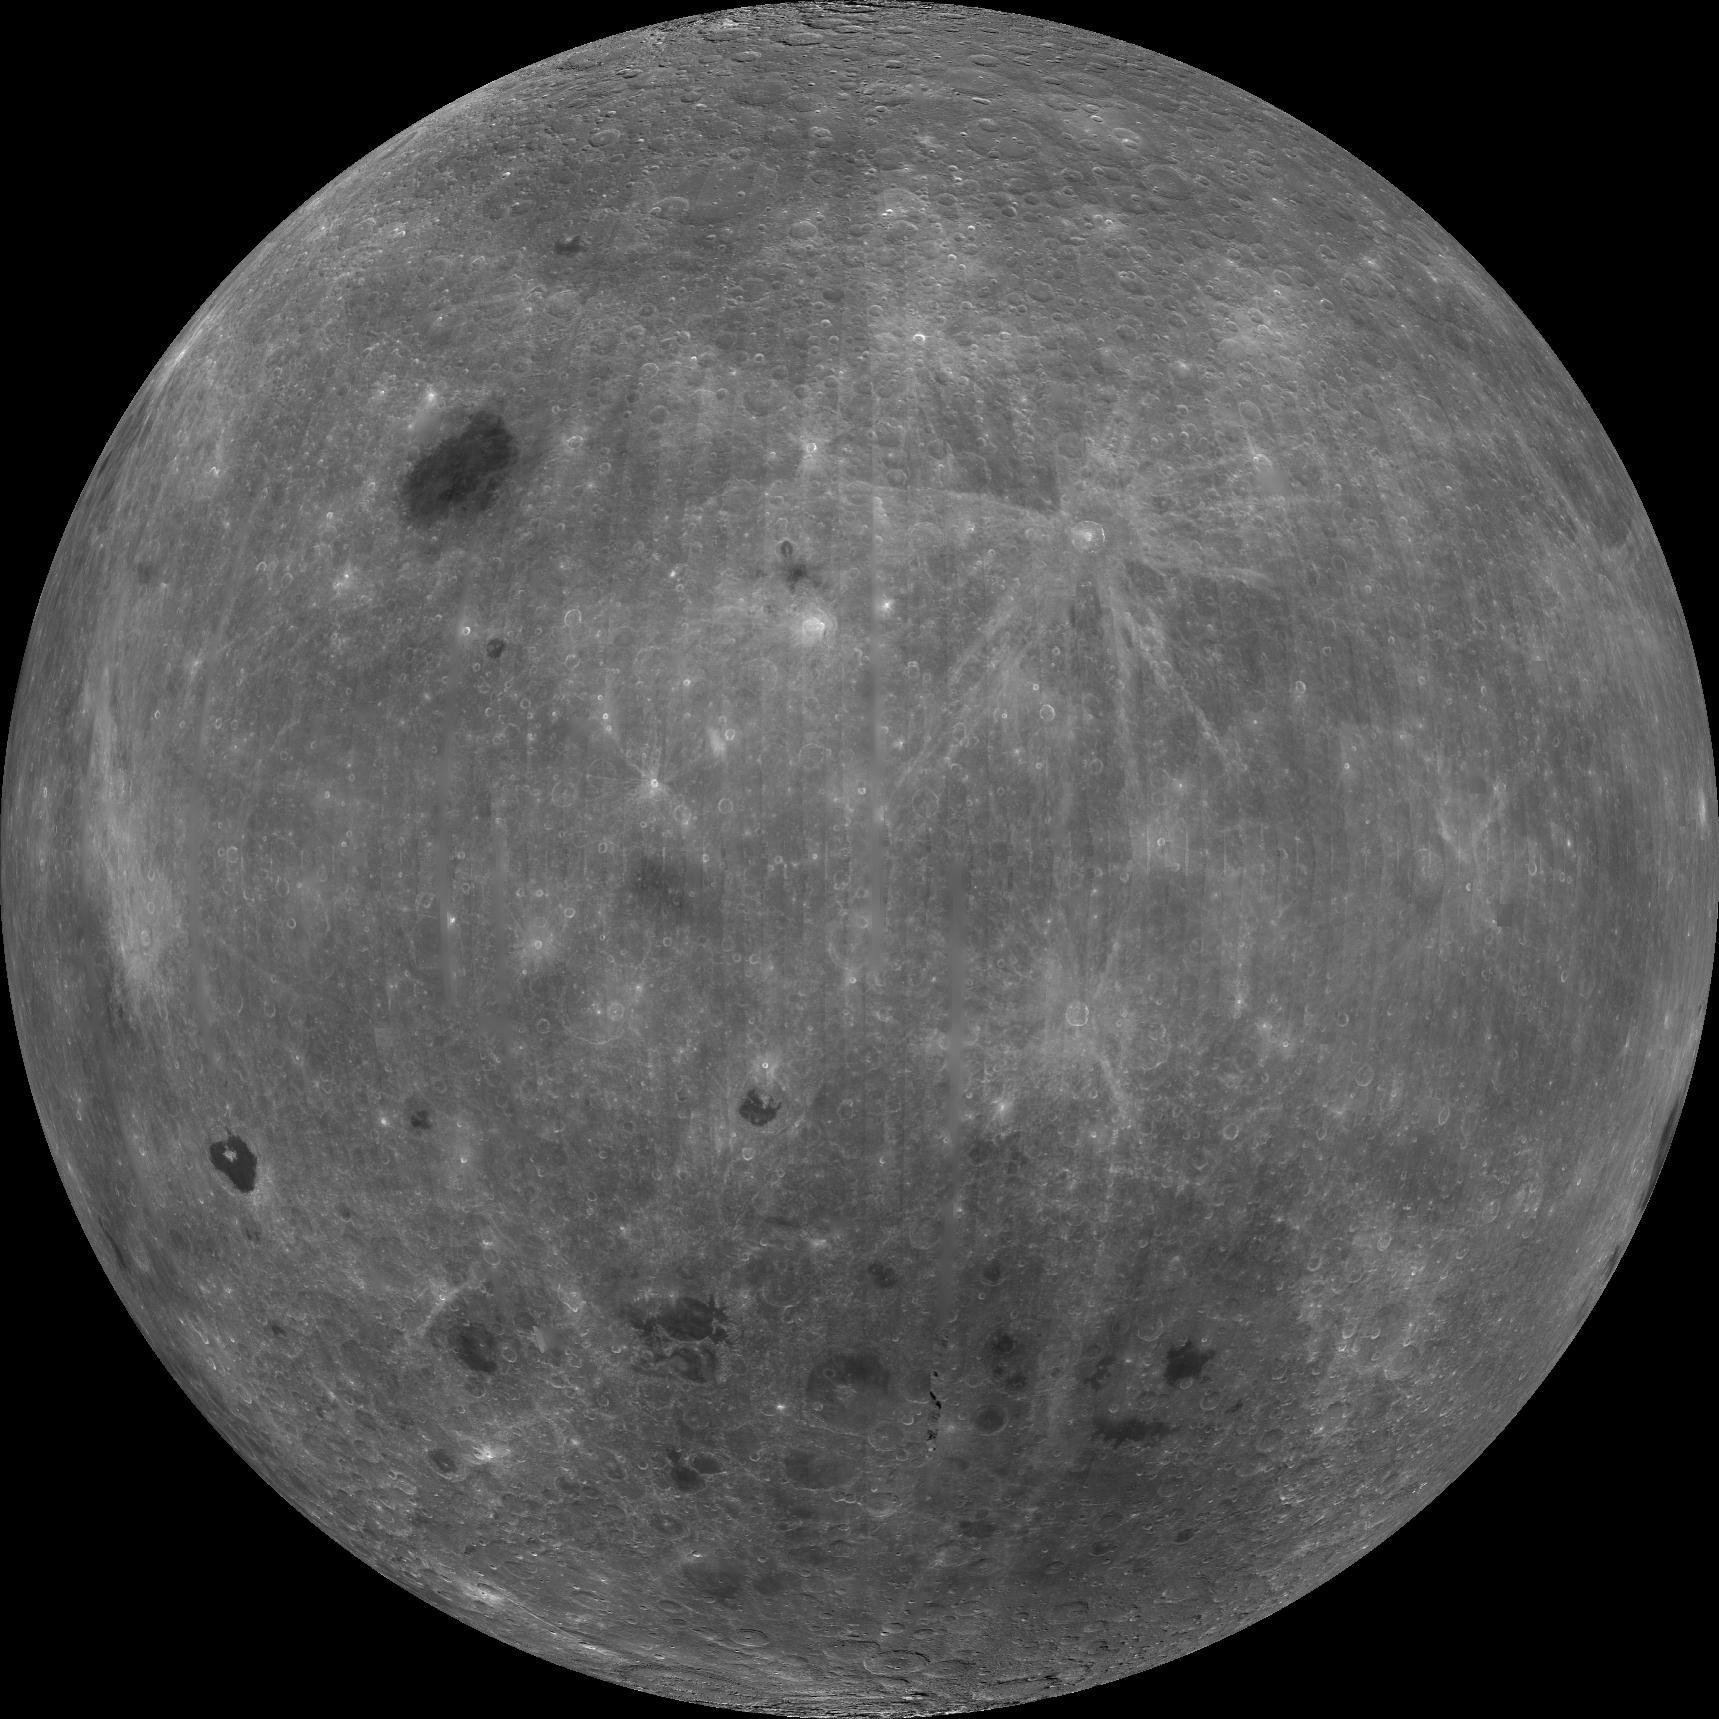 研究者「月は巨大なタイムカプセルだ」「内部には1000兆トンの水が含まれている」